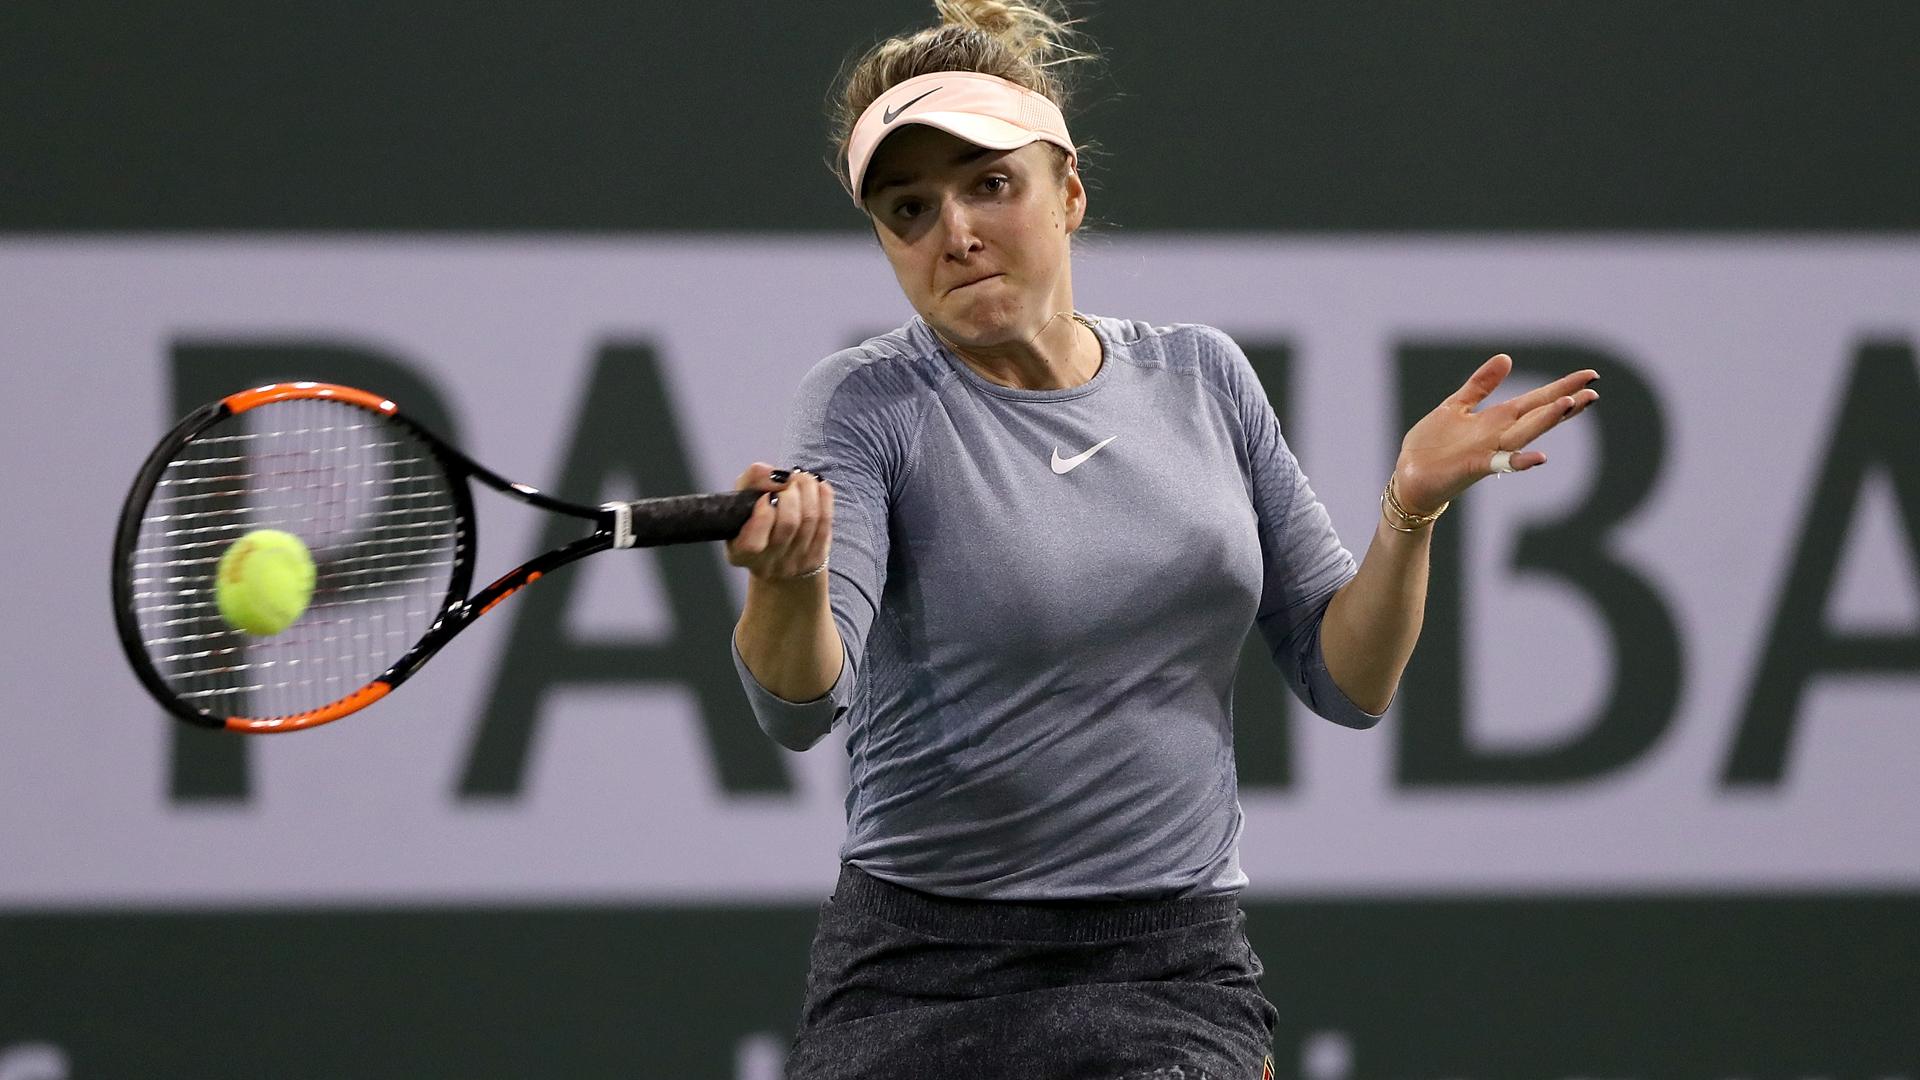 Svitolina, Muguruza exit Miami Open